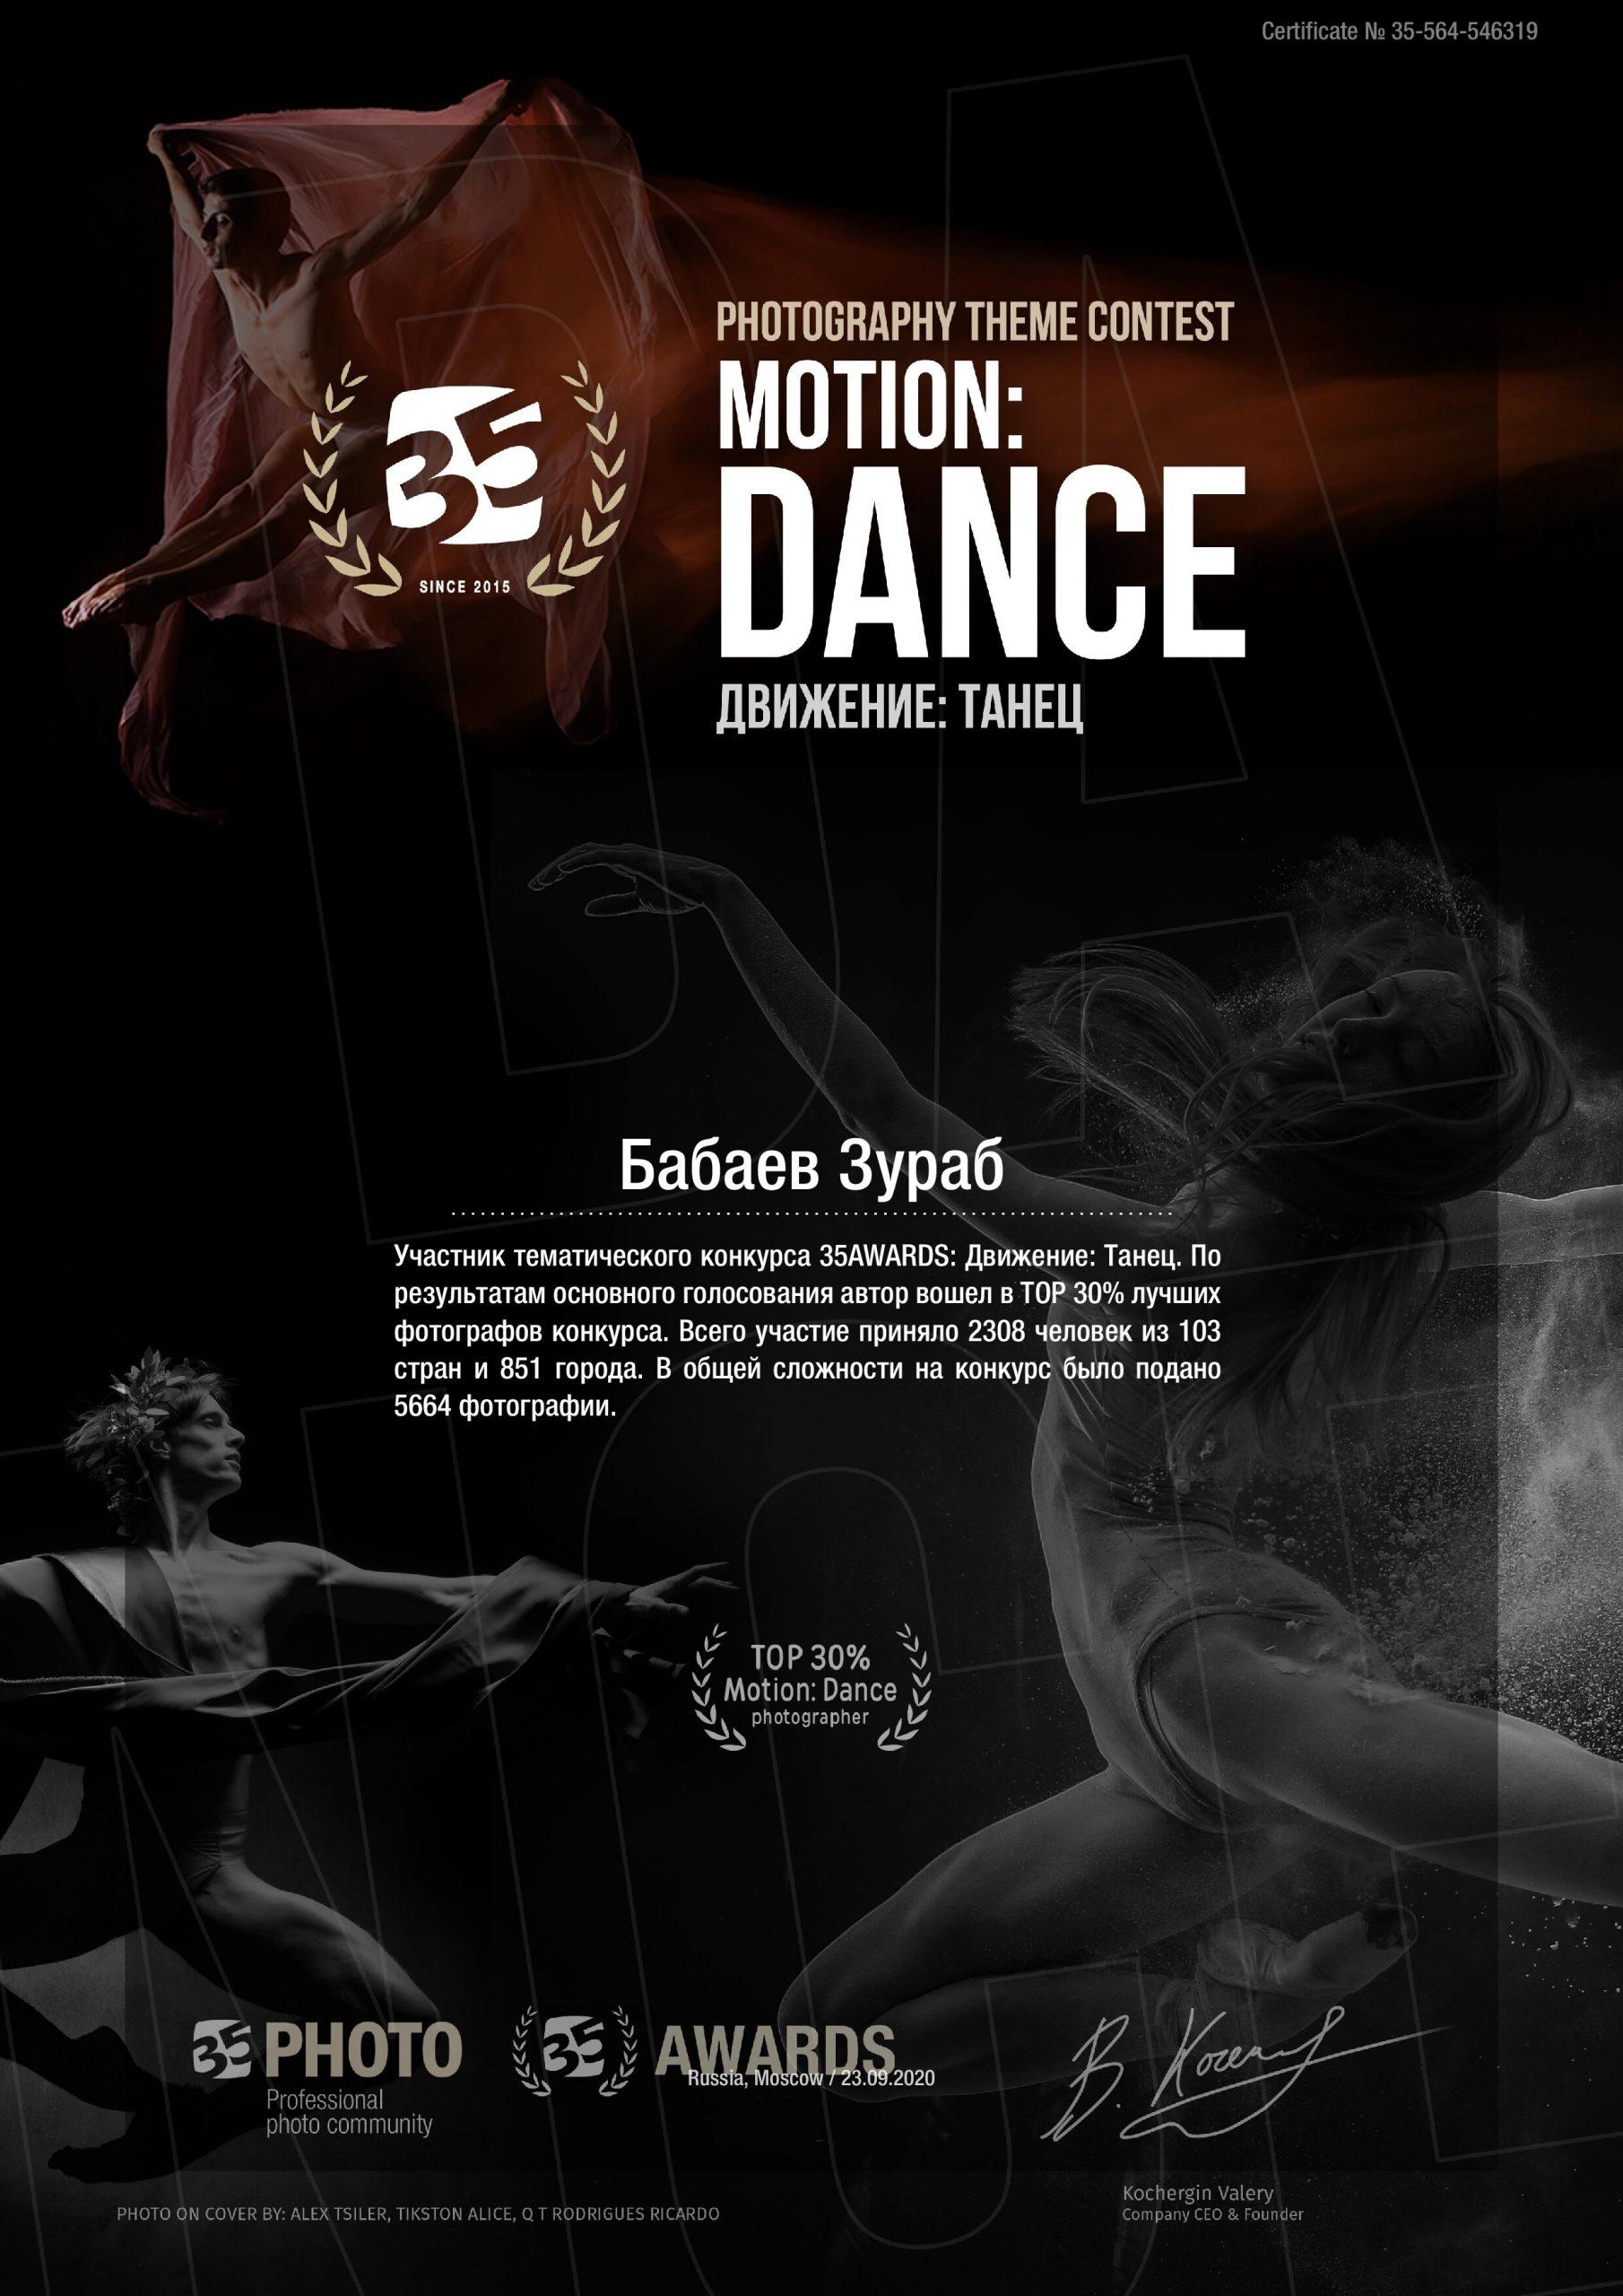 35awards Движение Танец